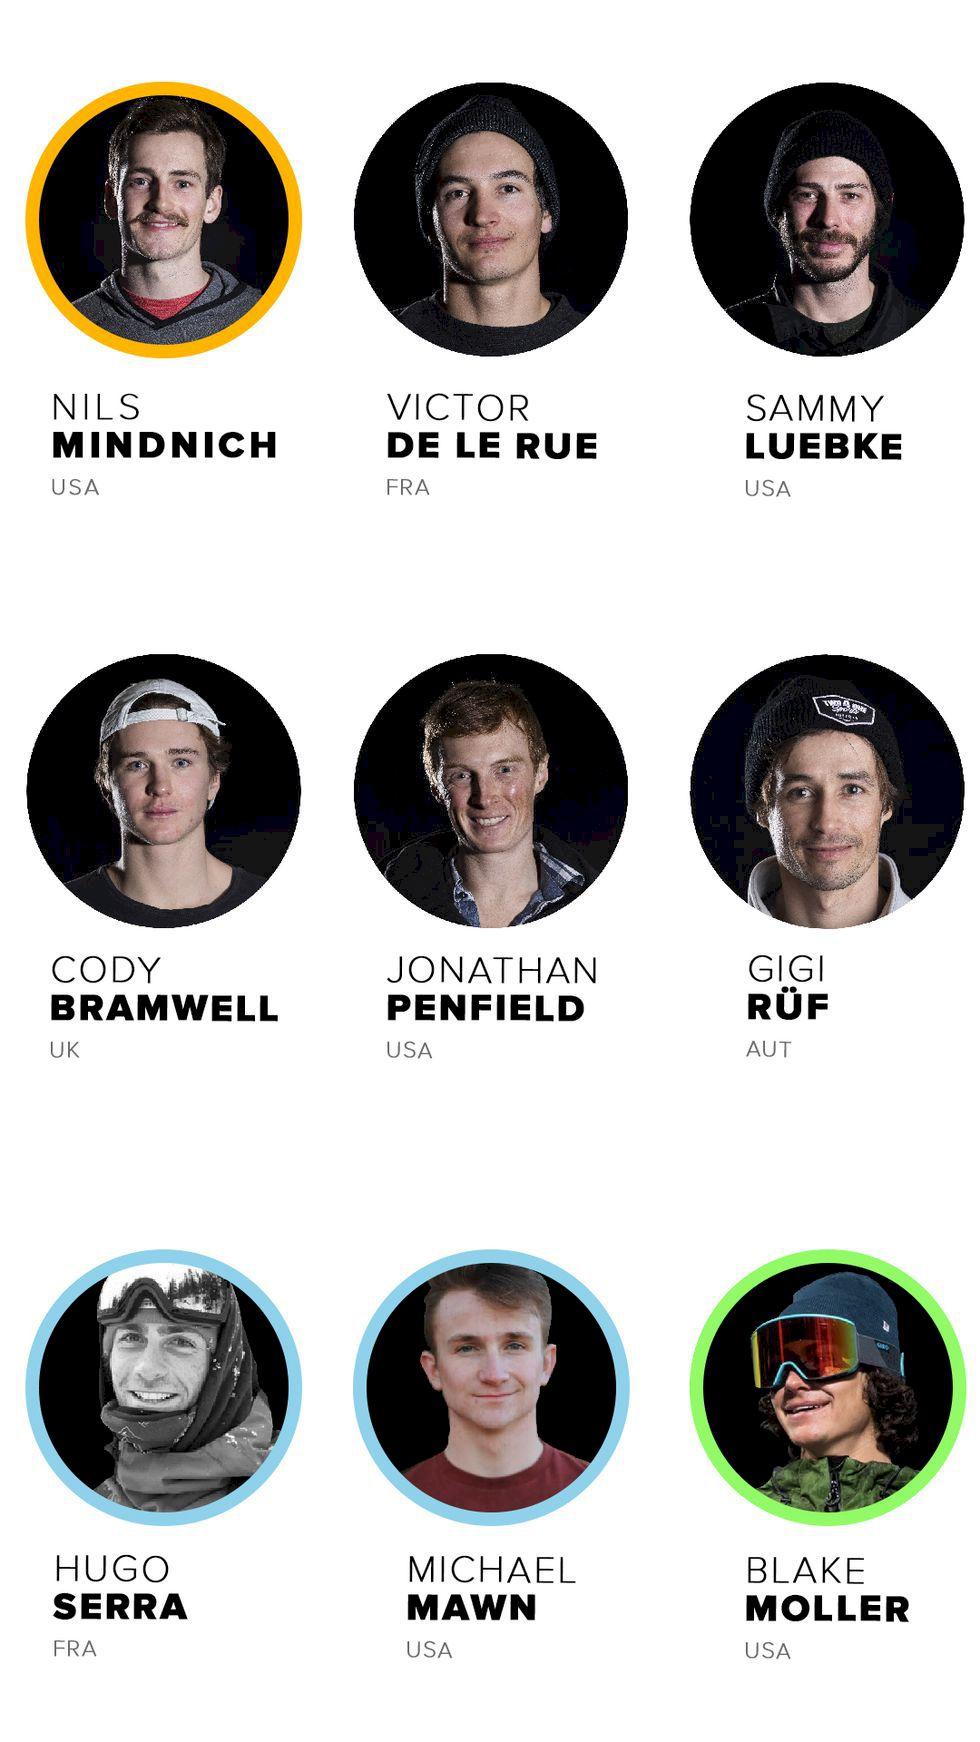 Här är åkarna som tävlar på Freeride World Tour i år